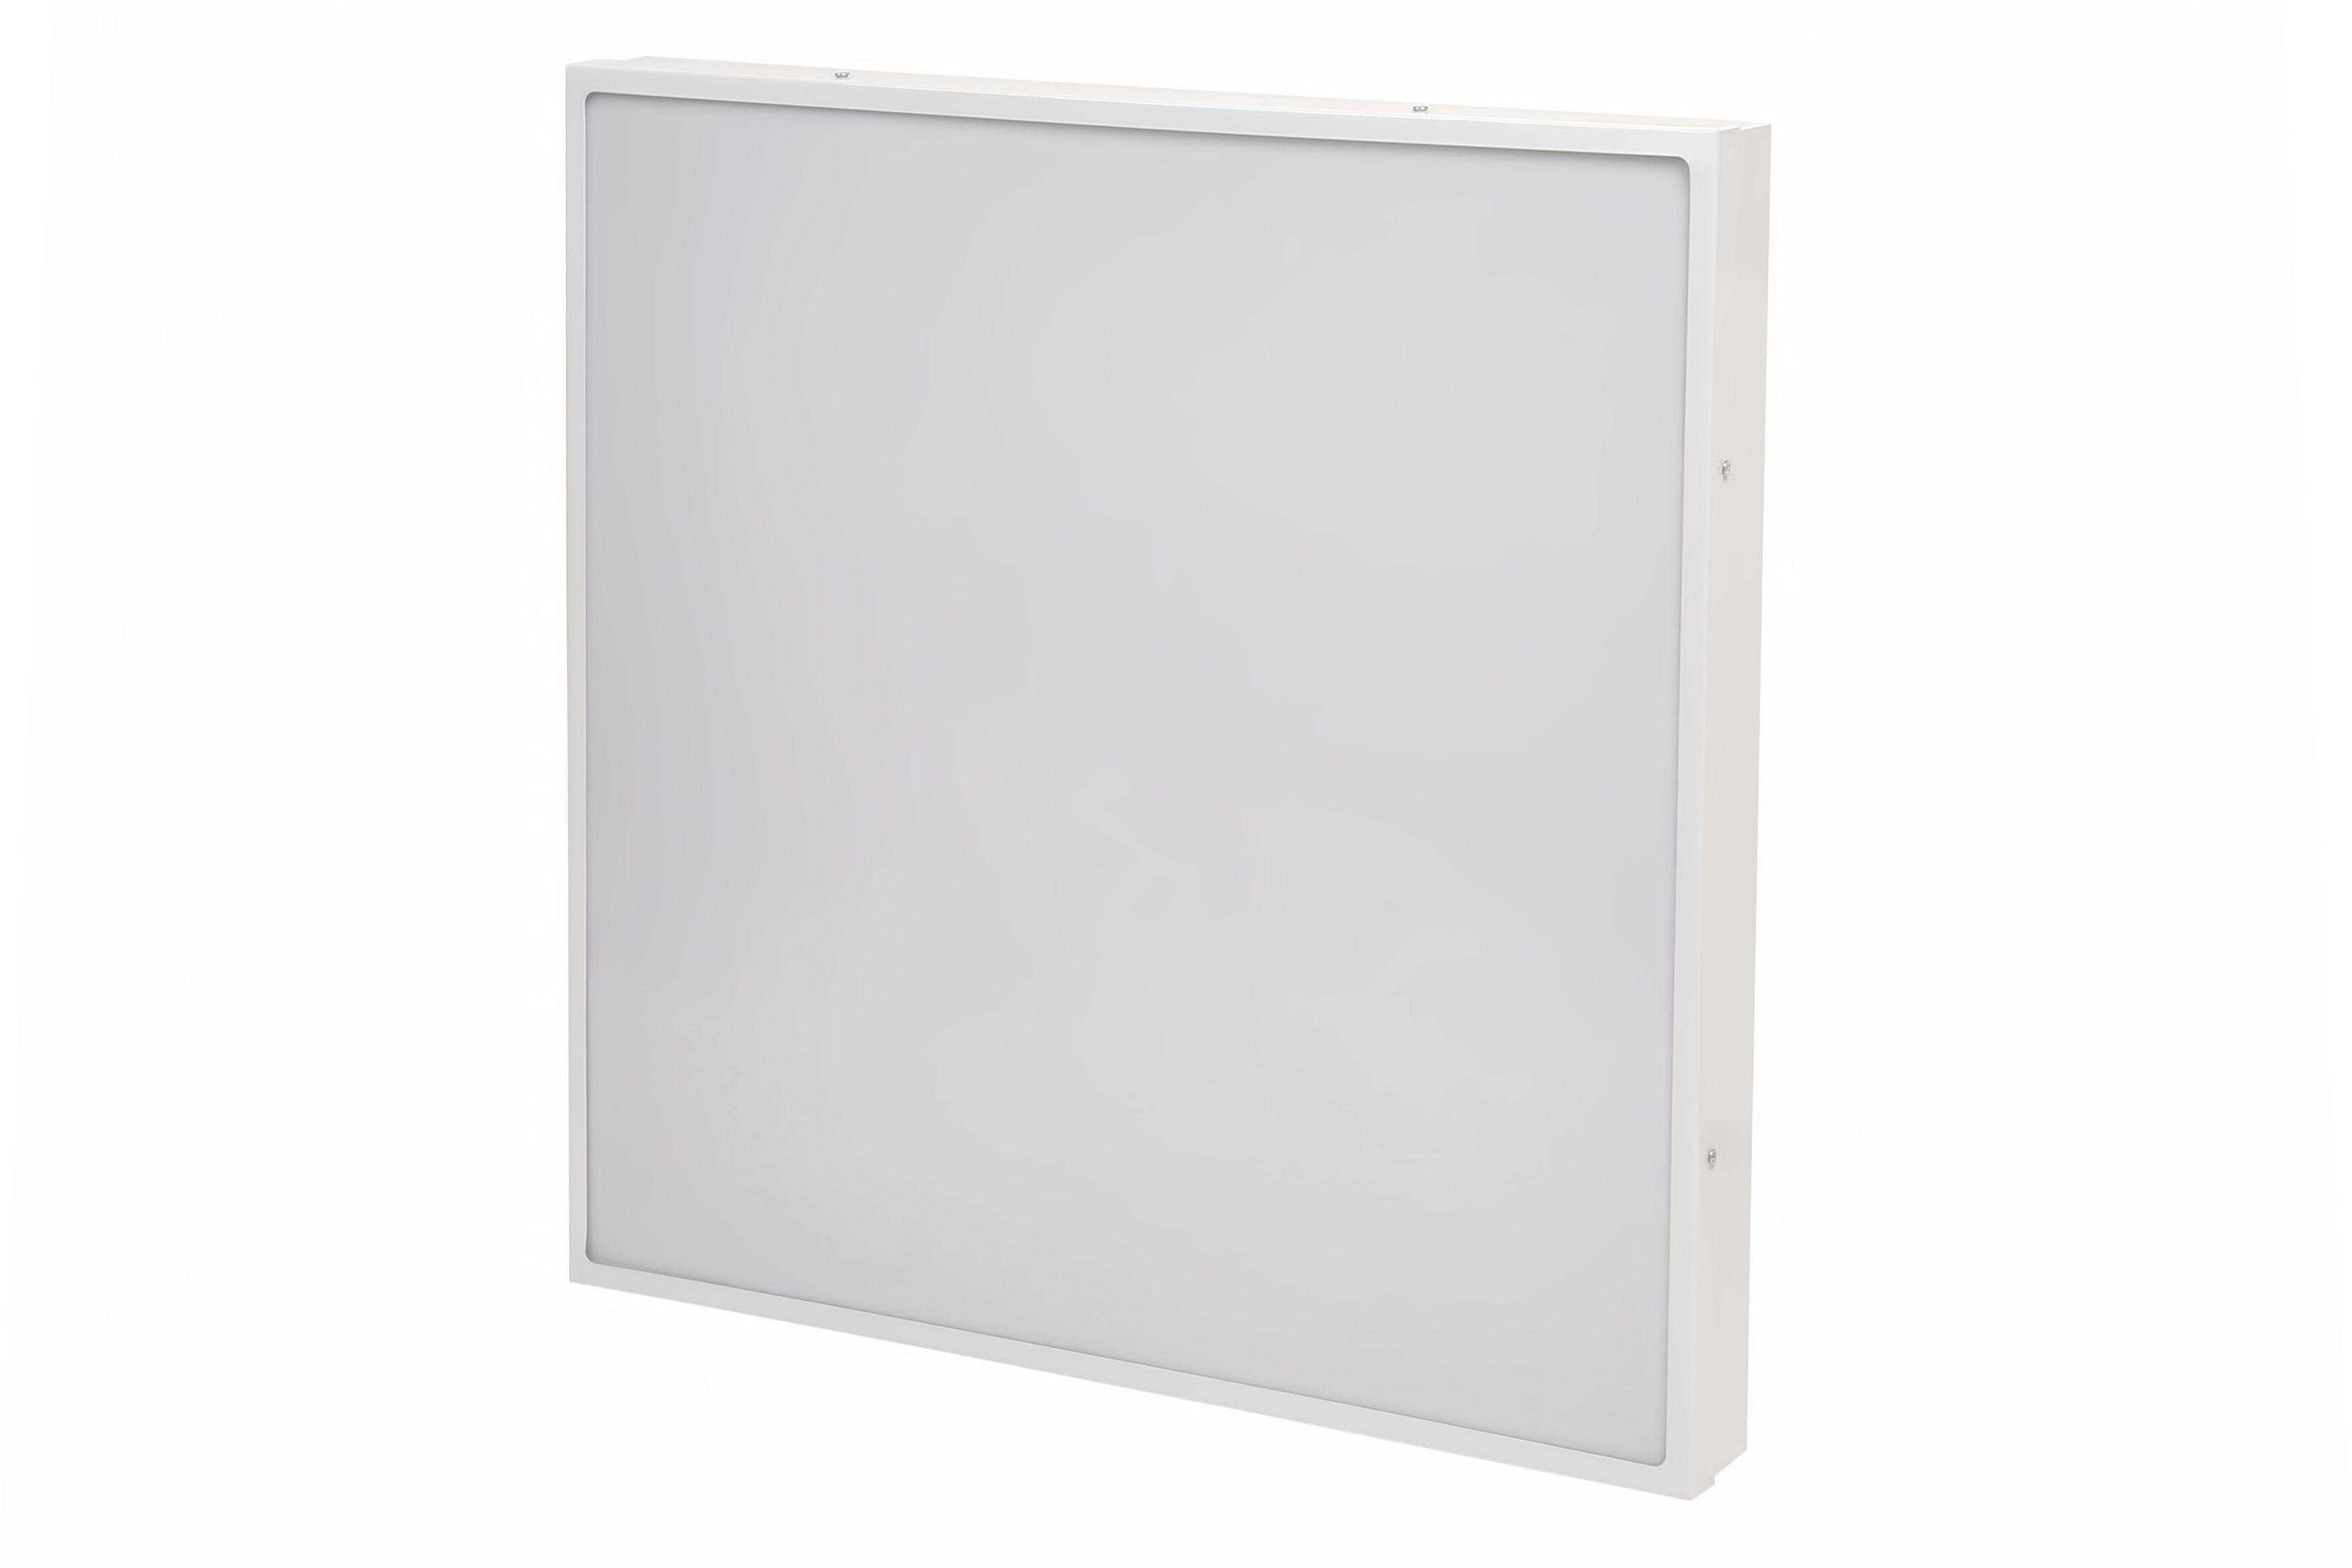 Универсальный светодиодный светильник Ledcraft LC-USZS-40WW 595x595x58 40W Теплый белый